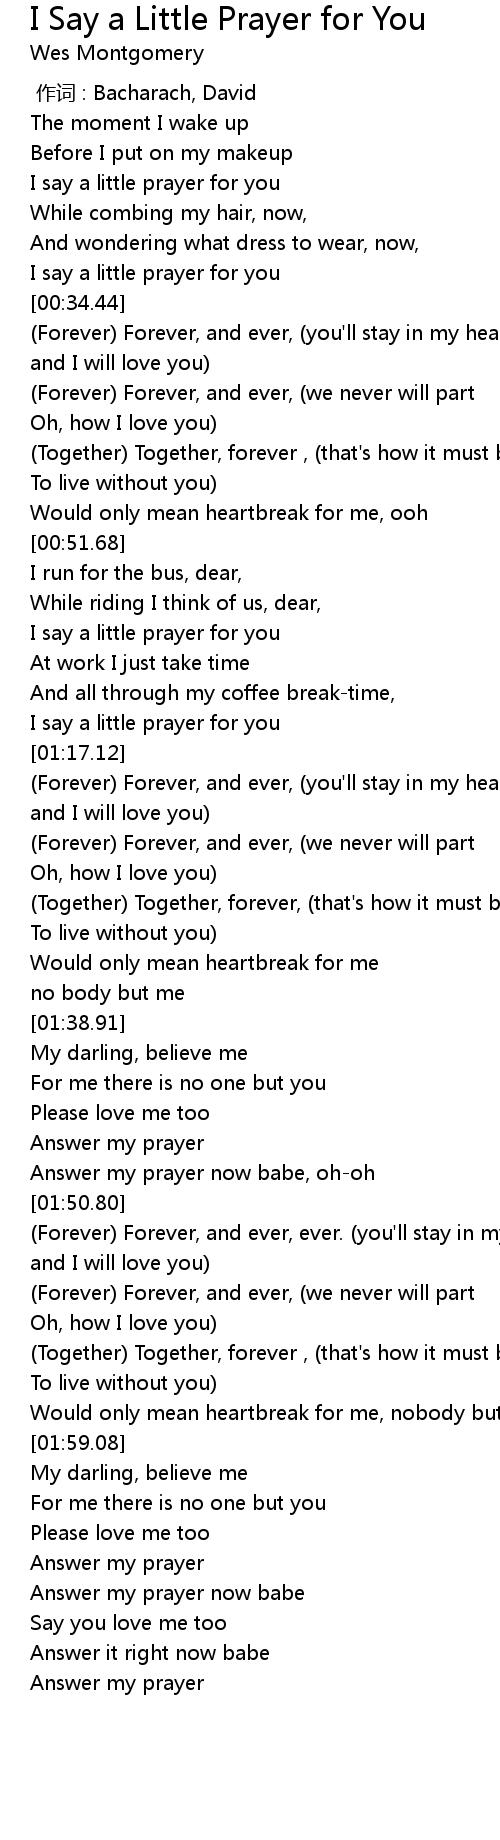 I Say A Little Prayer For You Lyrics Follow Lyrics